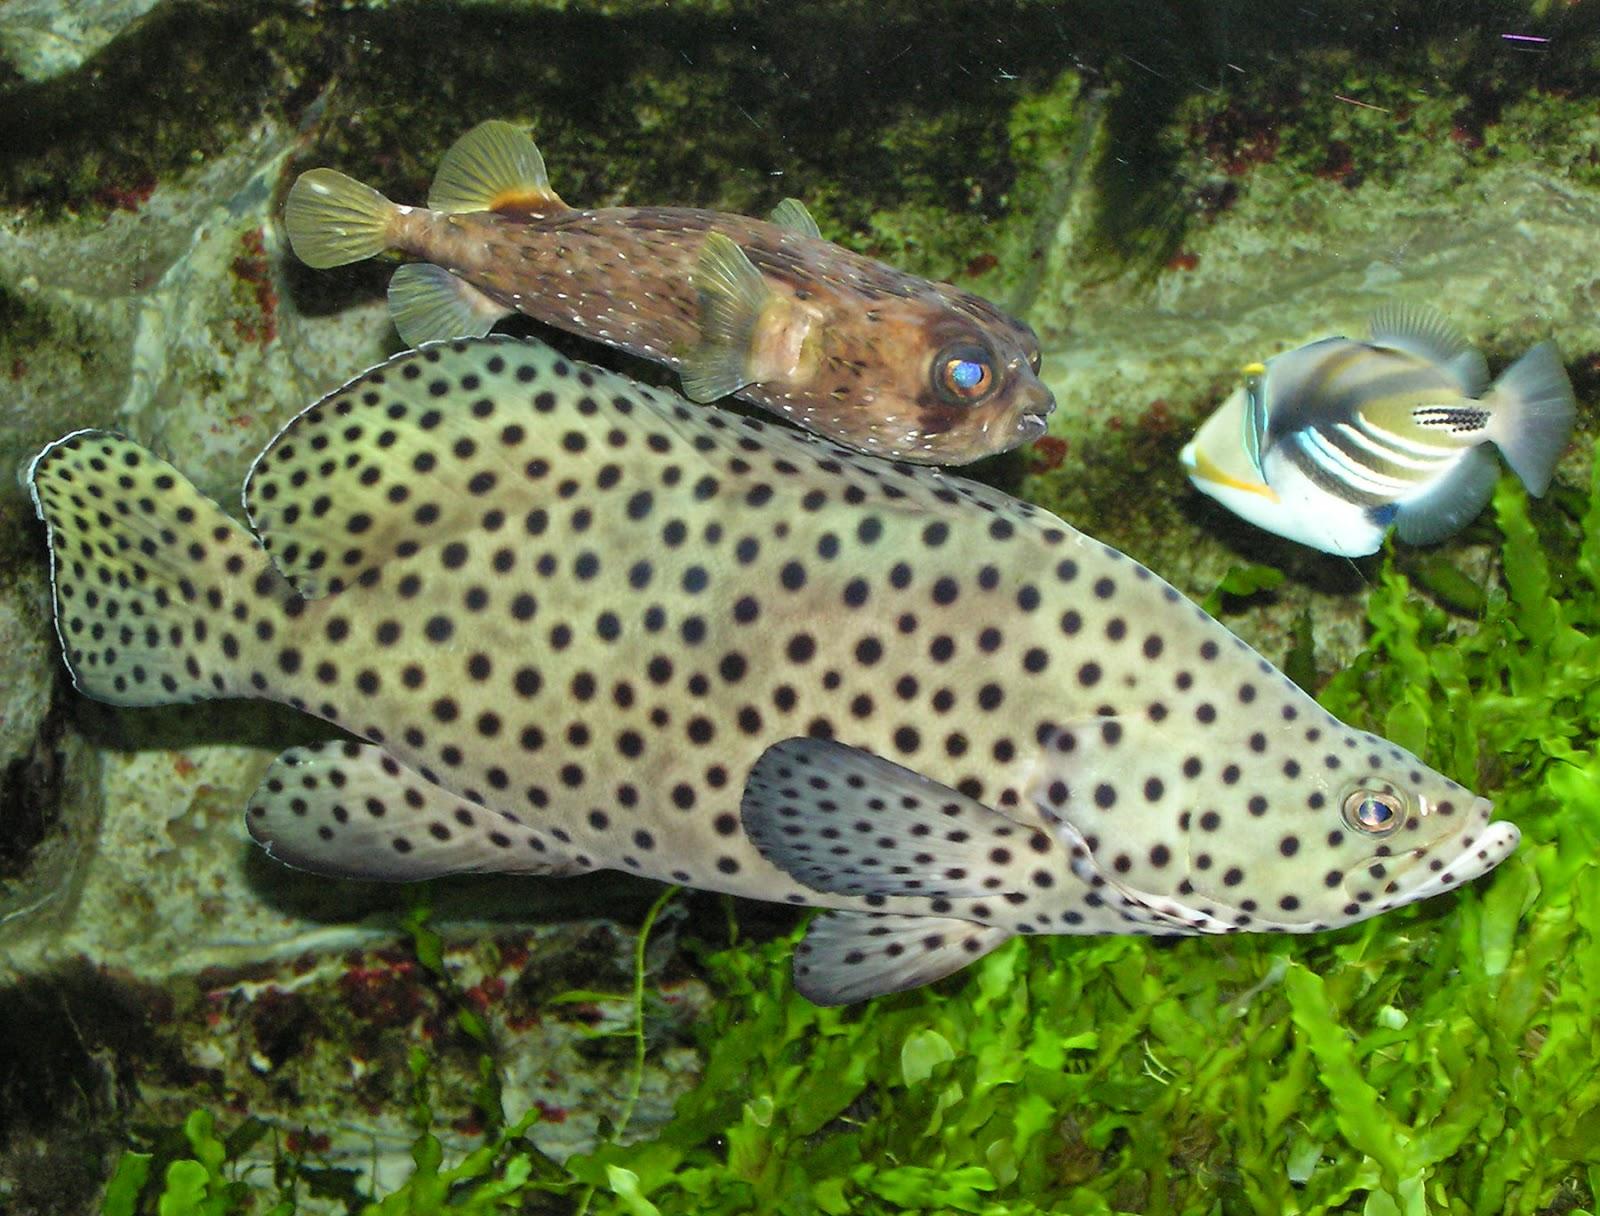 Jenis Jenis Ikan Kerapu Yang Paling Di Kenal Dunia Akuarium